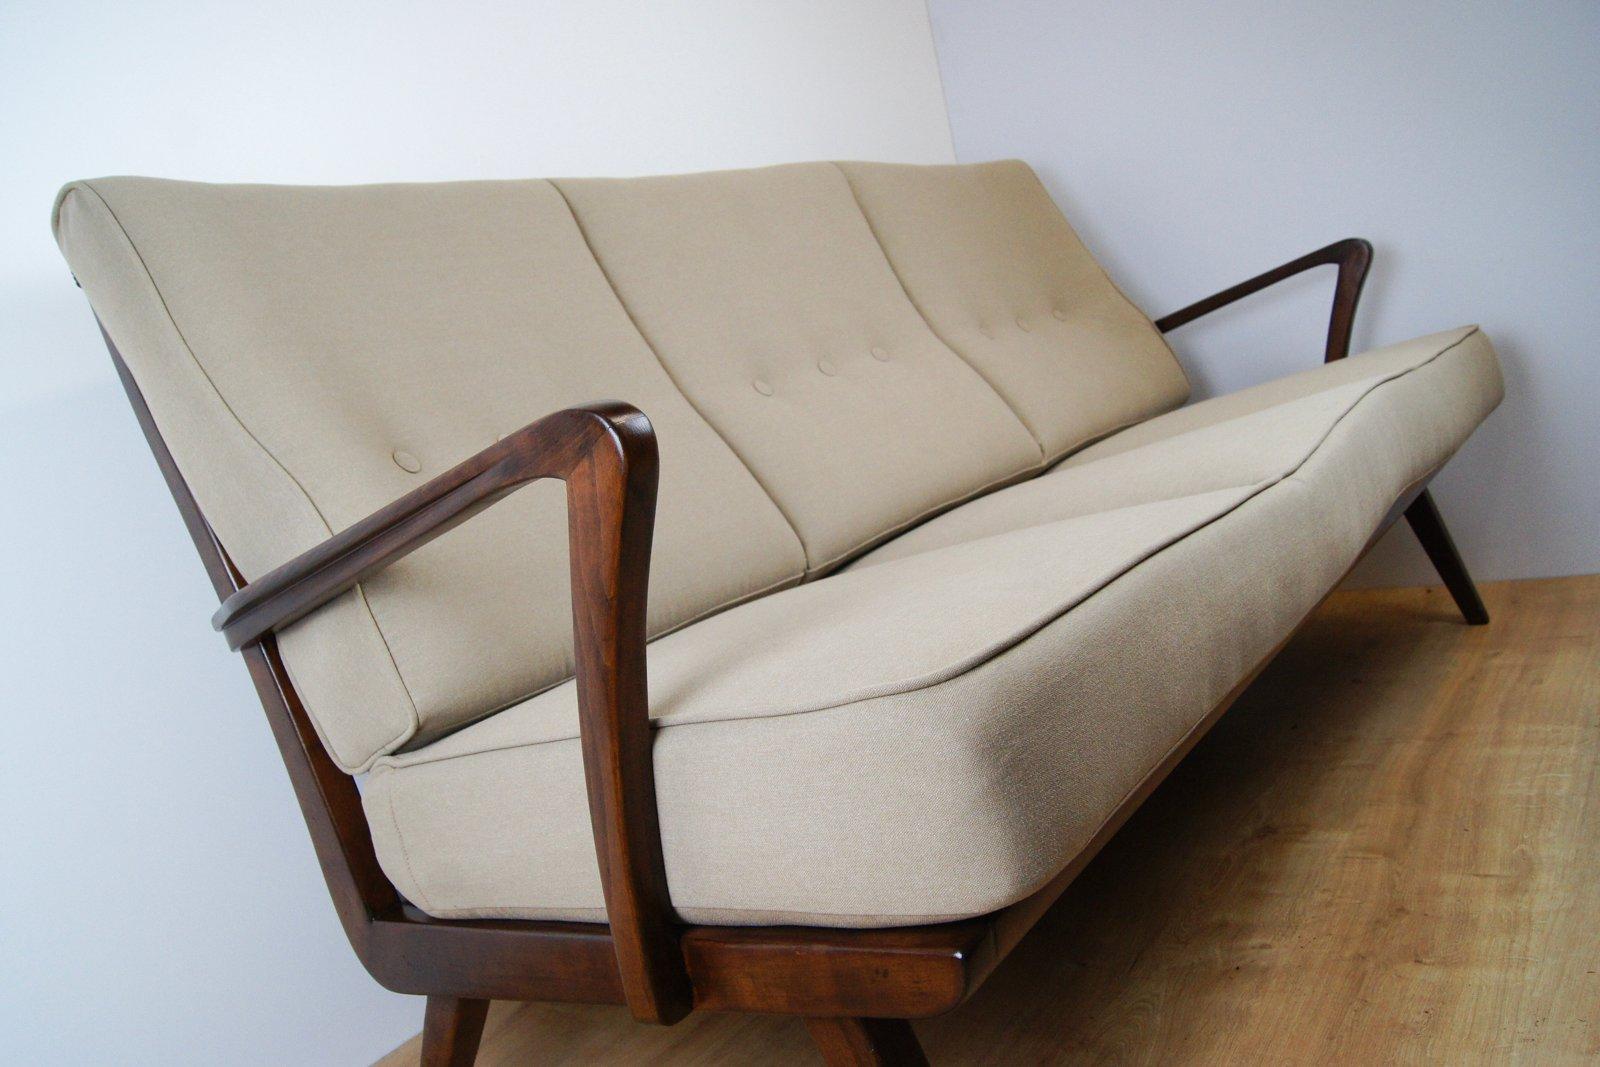 Skandinavisches Wohnzimmer Set : Skandinavisches vintage wohnzimmer set er bei pamono